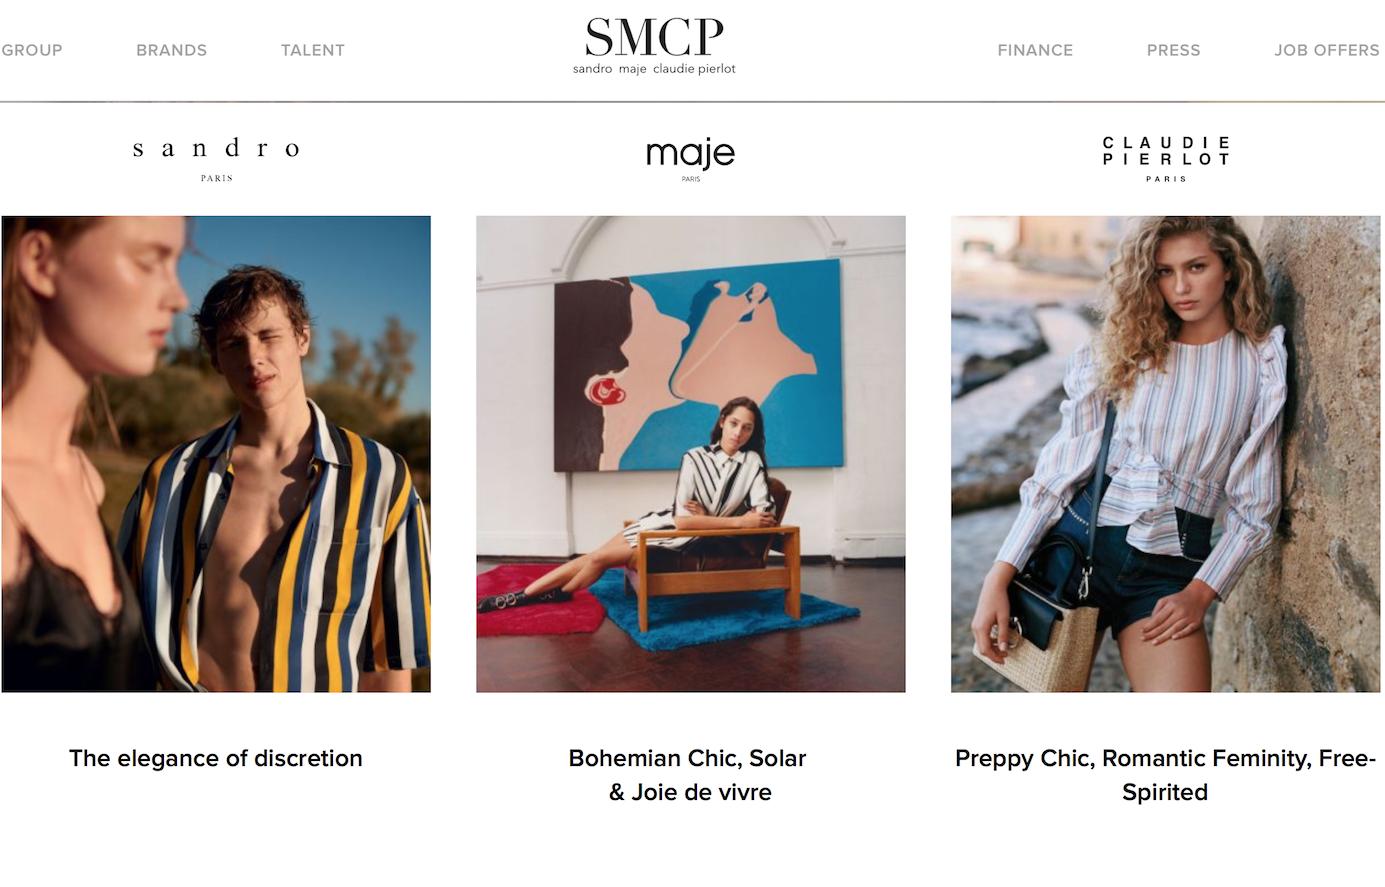 如意集团拟现金收购银川维信基金出资份额(后者间接持有法国时尚集团SMCP 25%股份)